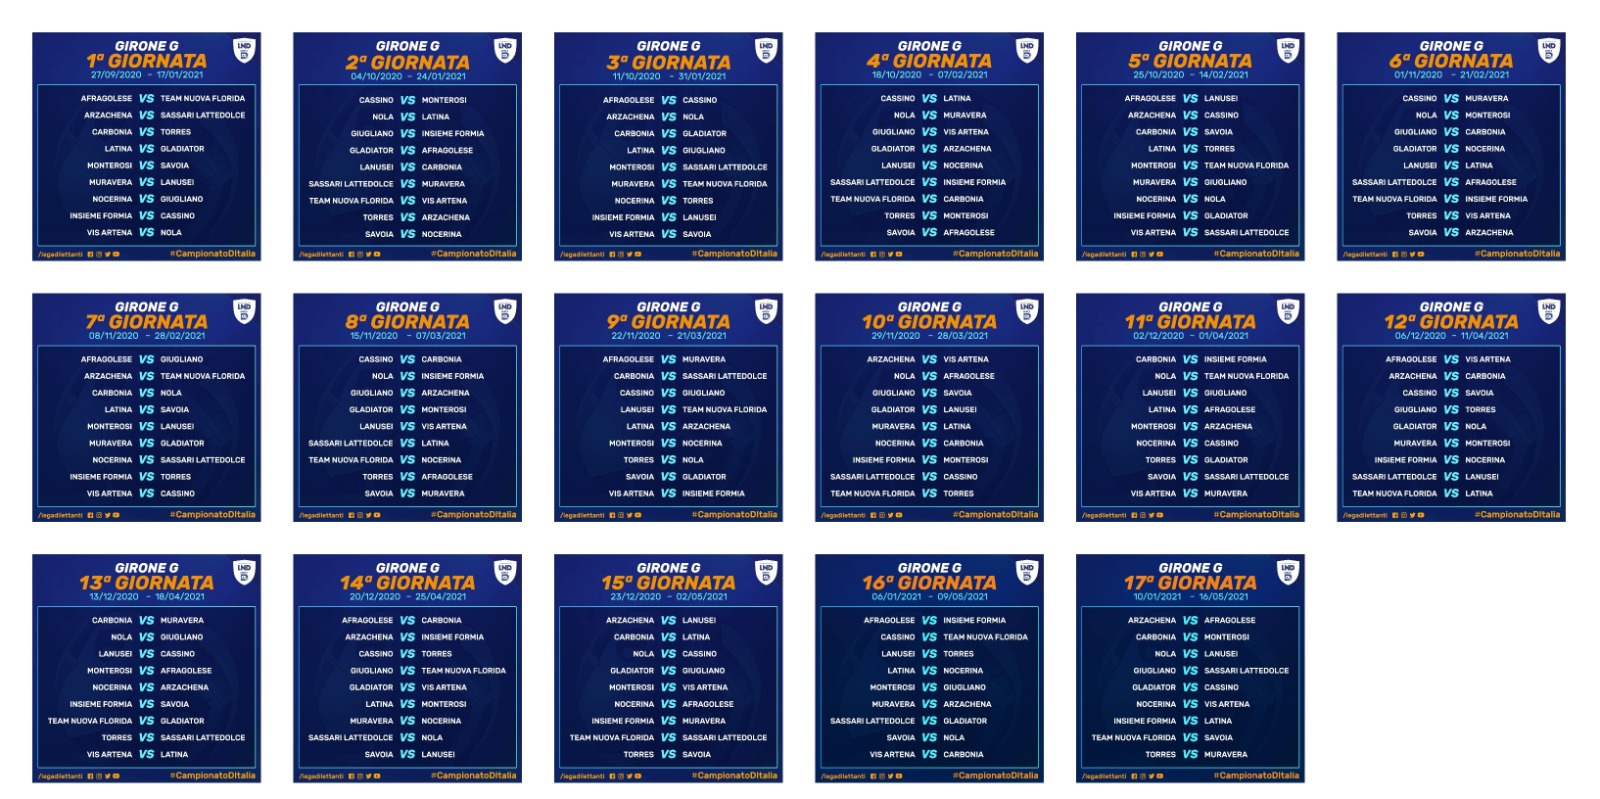 Calendario Serie D Girone G 2020 2021 Serie D Girone G: Il calendario completo del campionato » Tutto